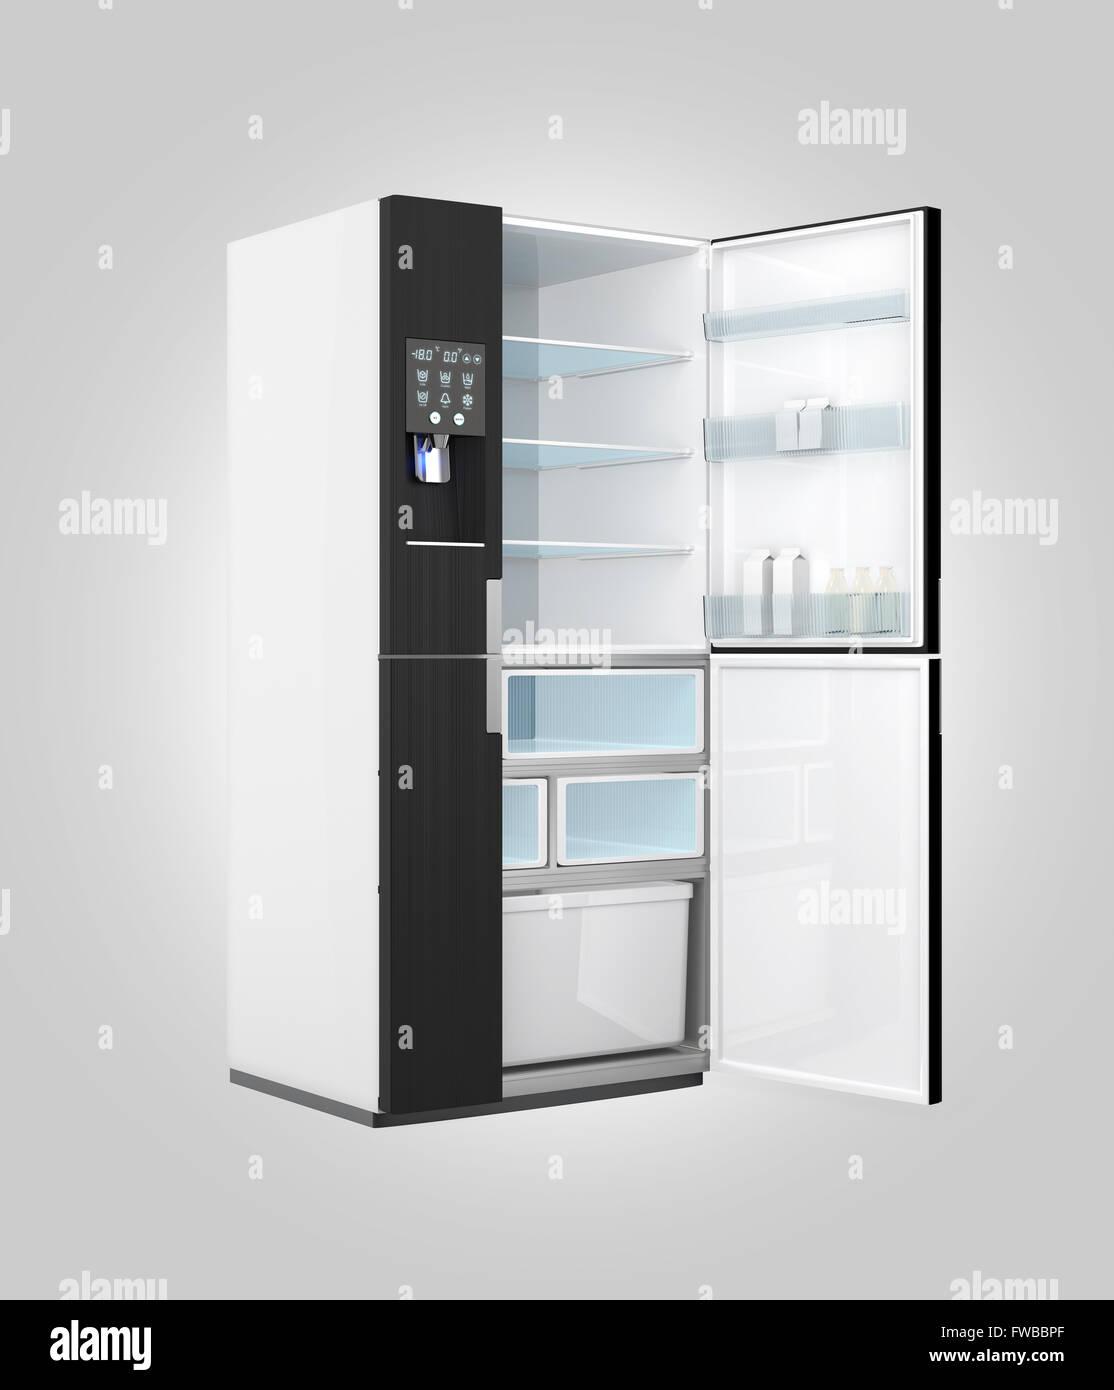 Intelligente Kühlschrank mit Eis Dispenser Funktion. Erfahren Sie ...